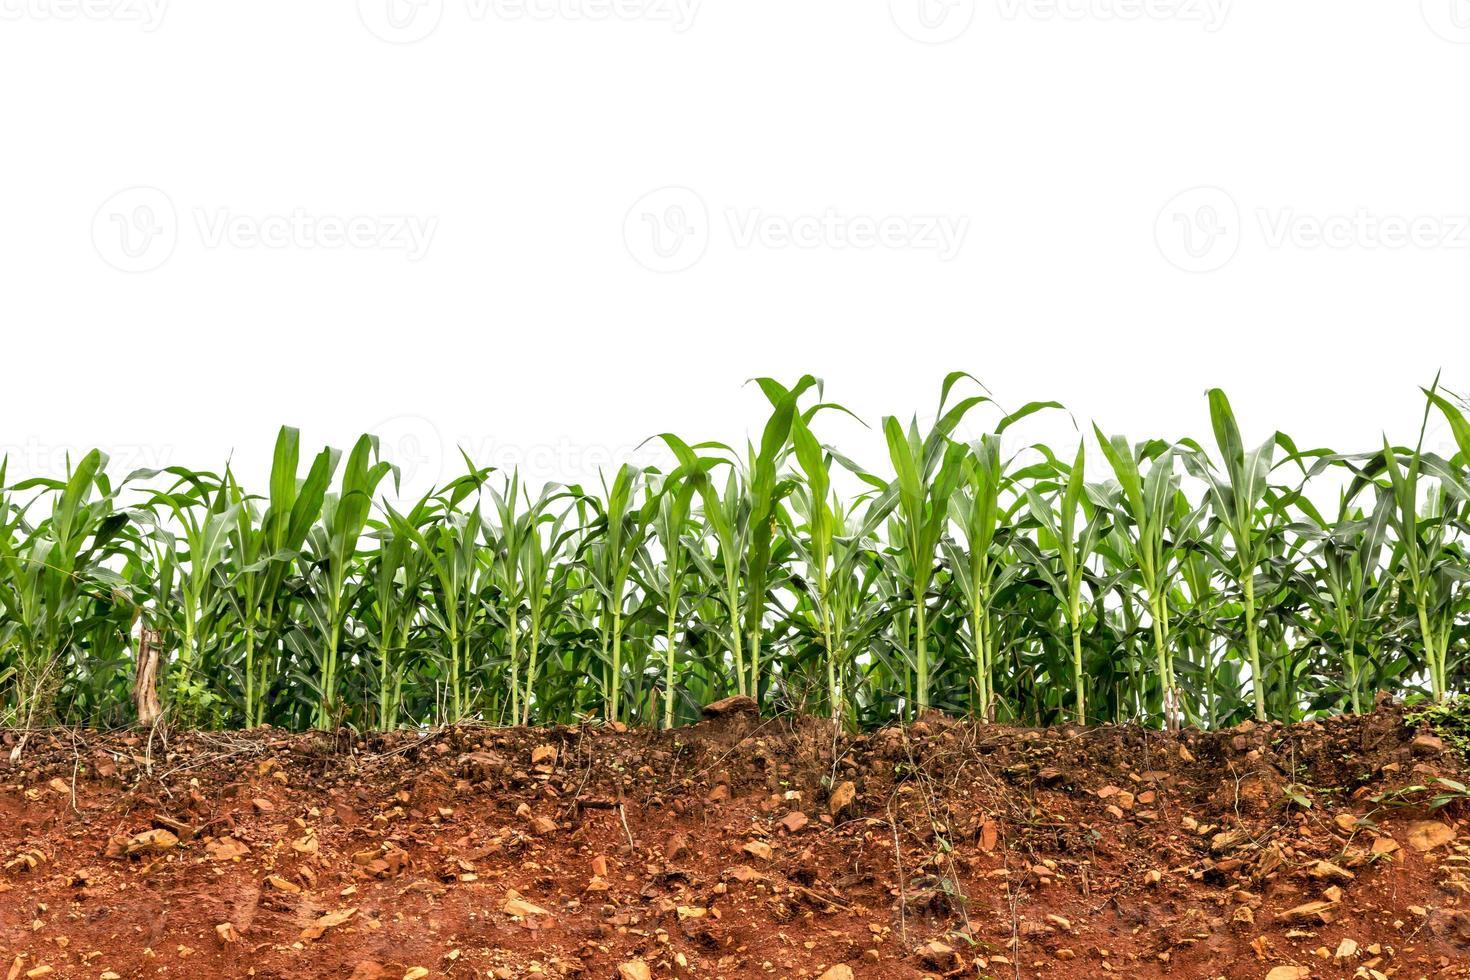 fröplanta majsfält på rött lateritiskt jordtvärsnitt foto